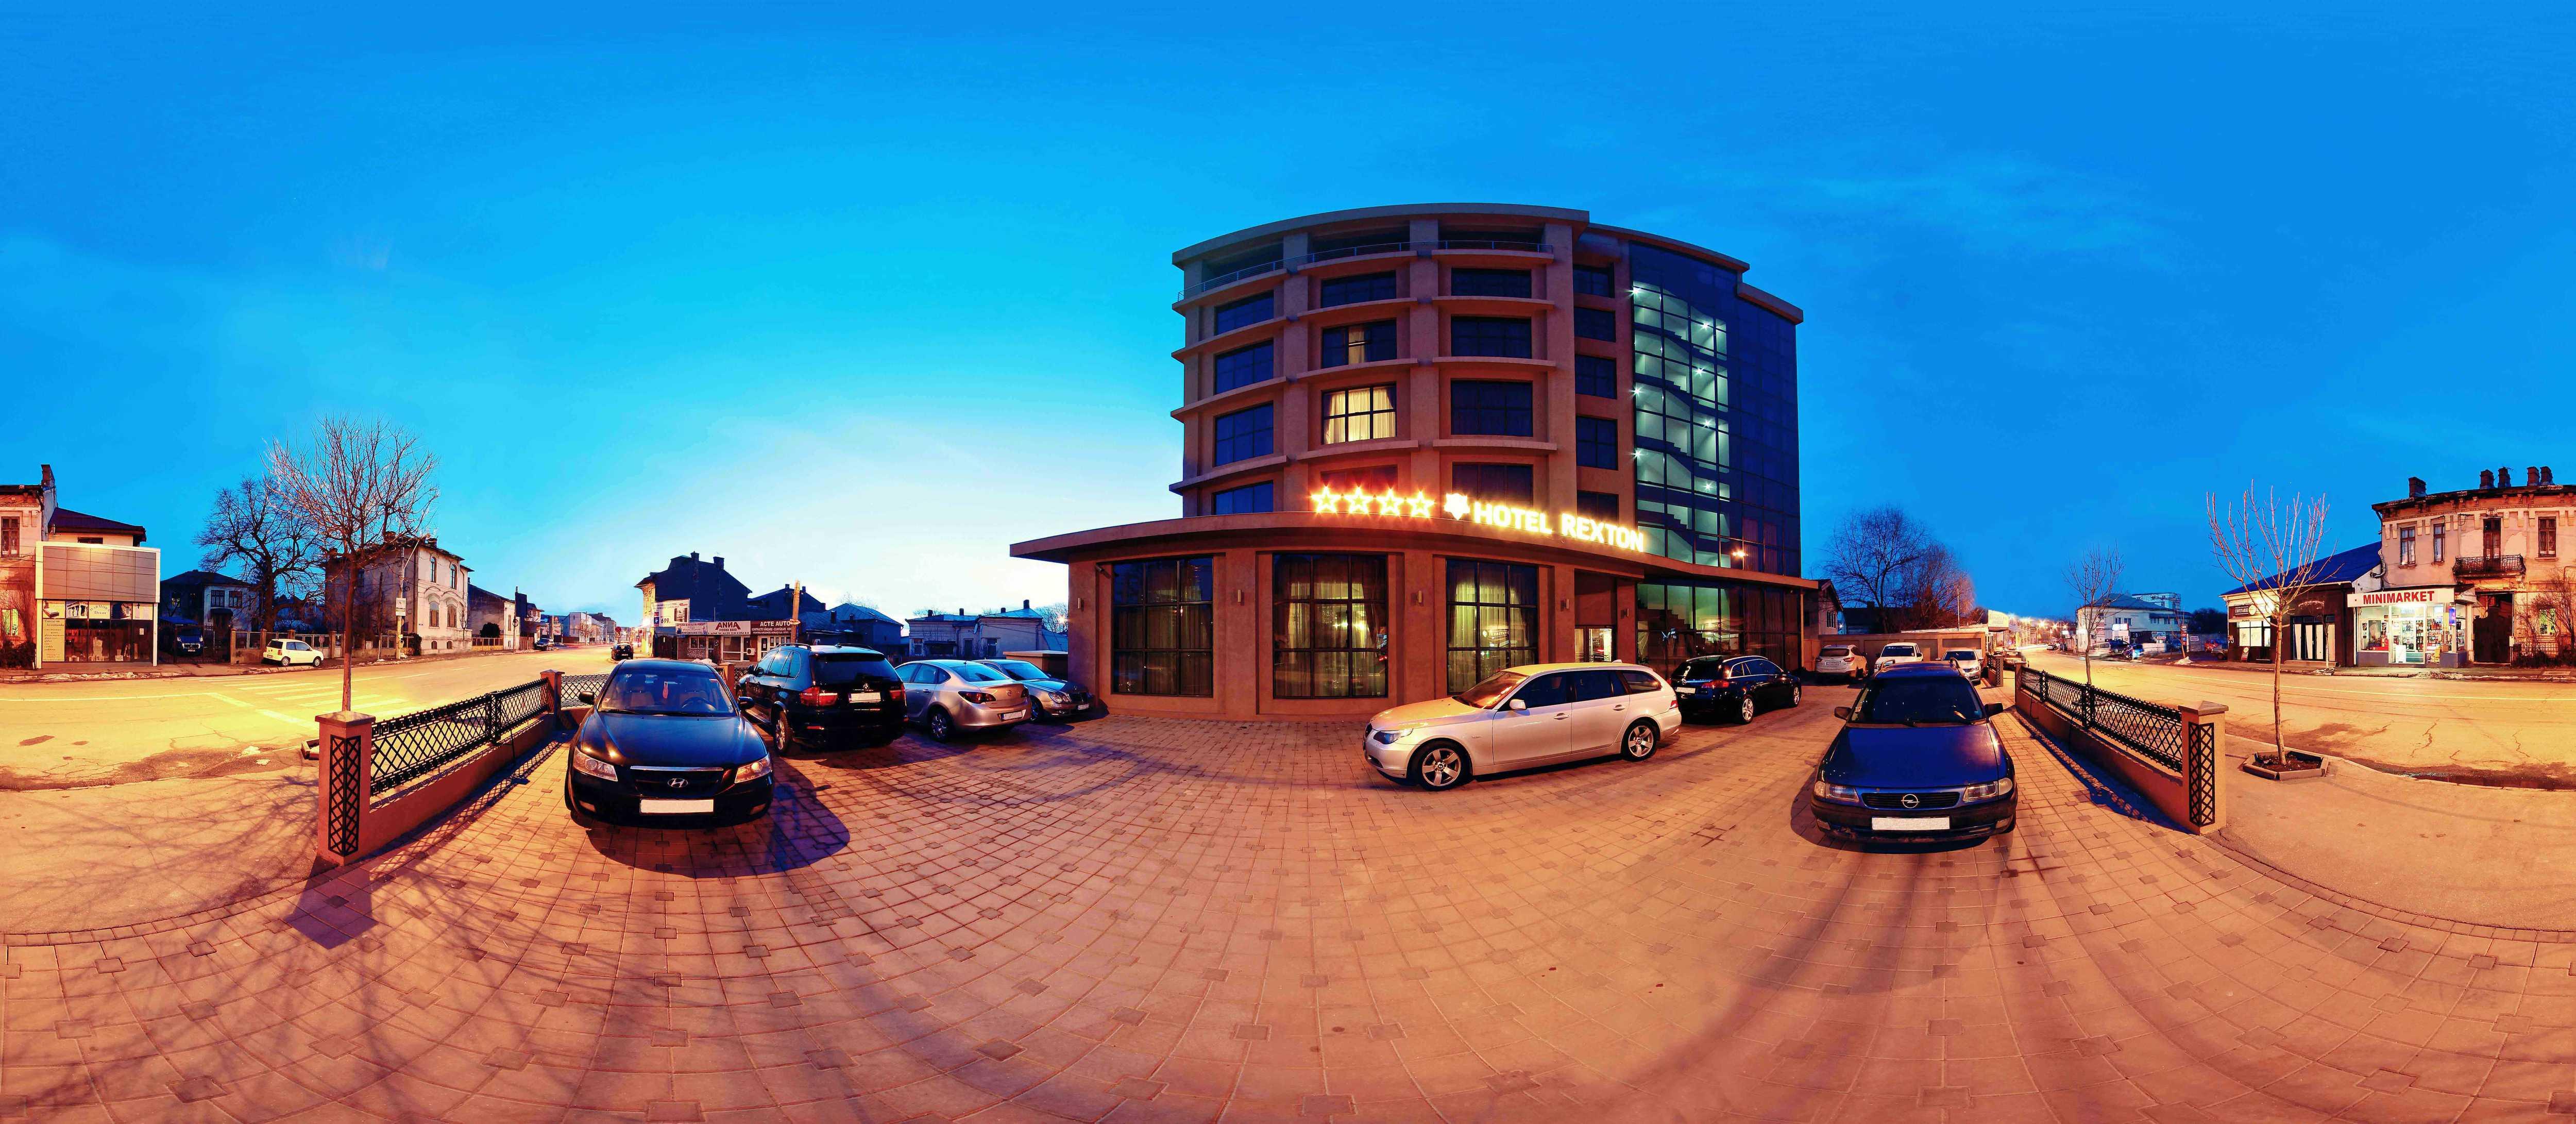 hotel-in-craiova-patru-stele